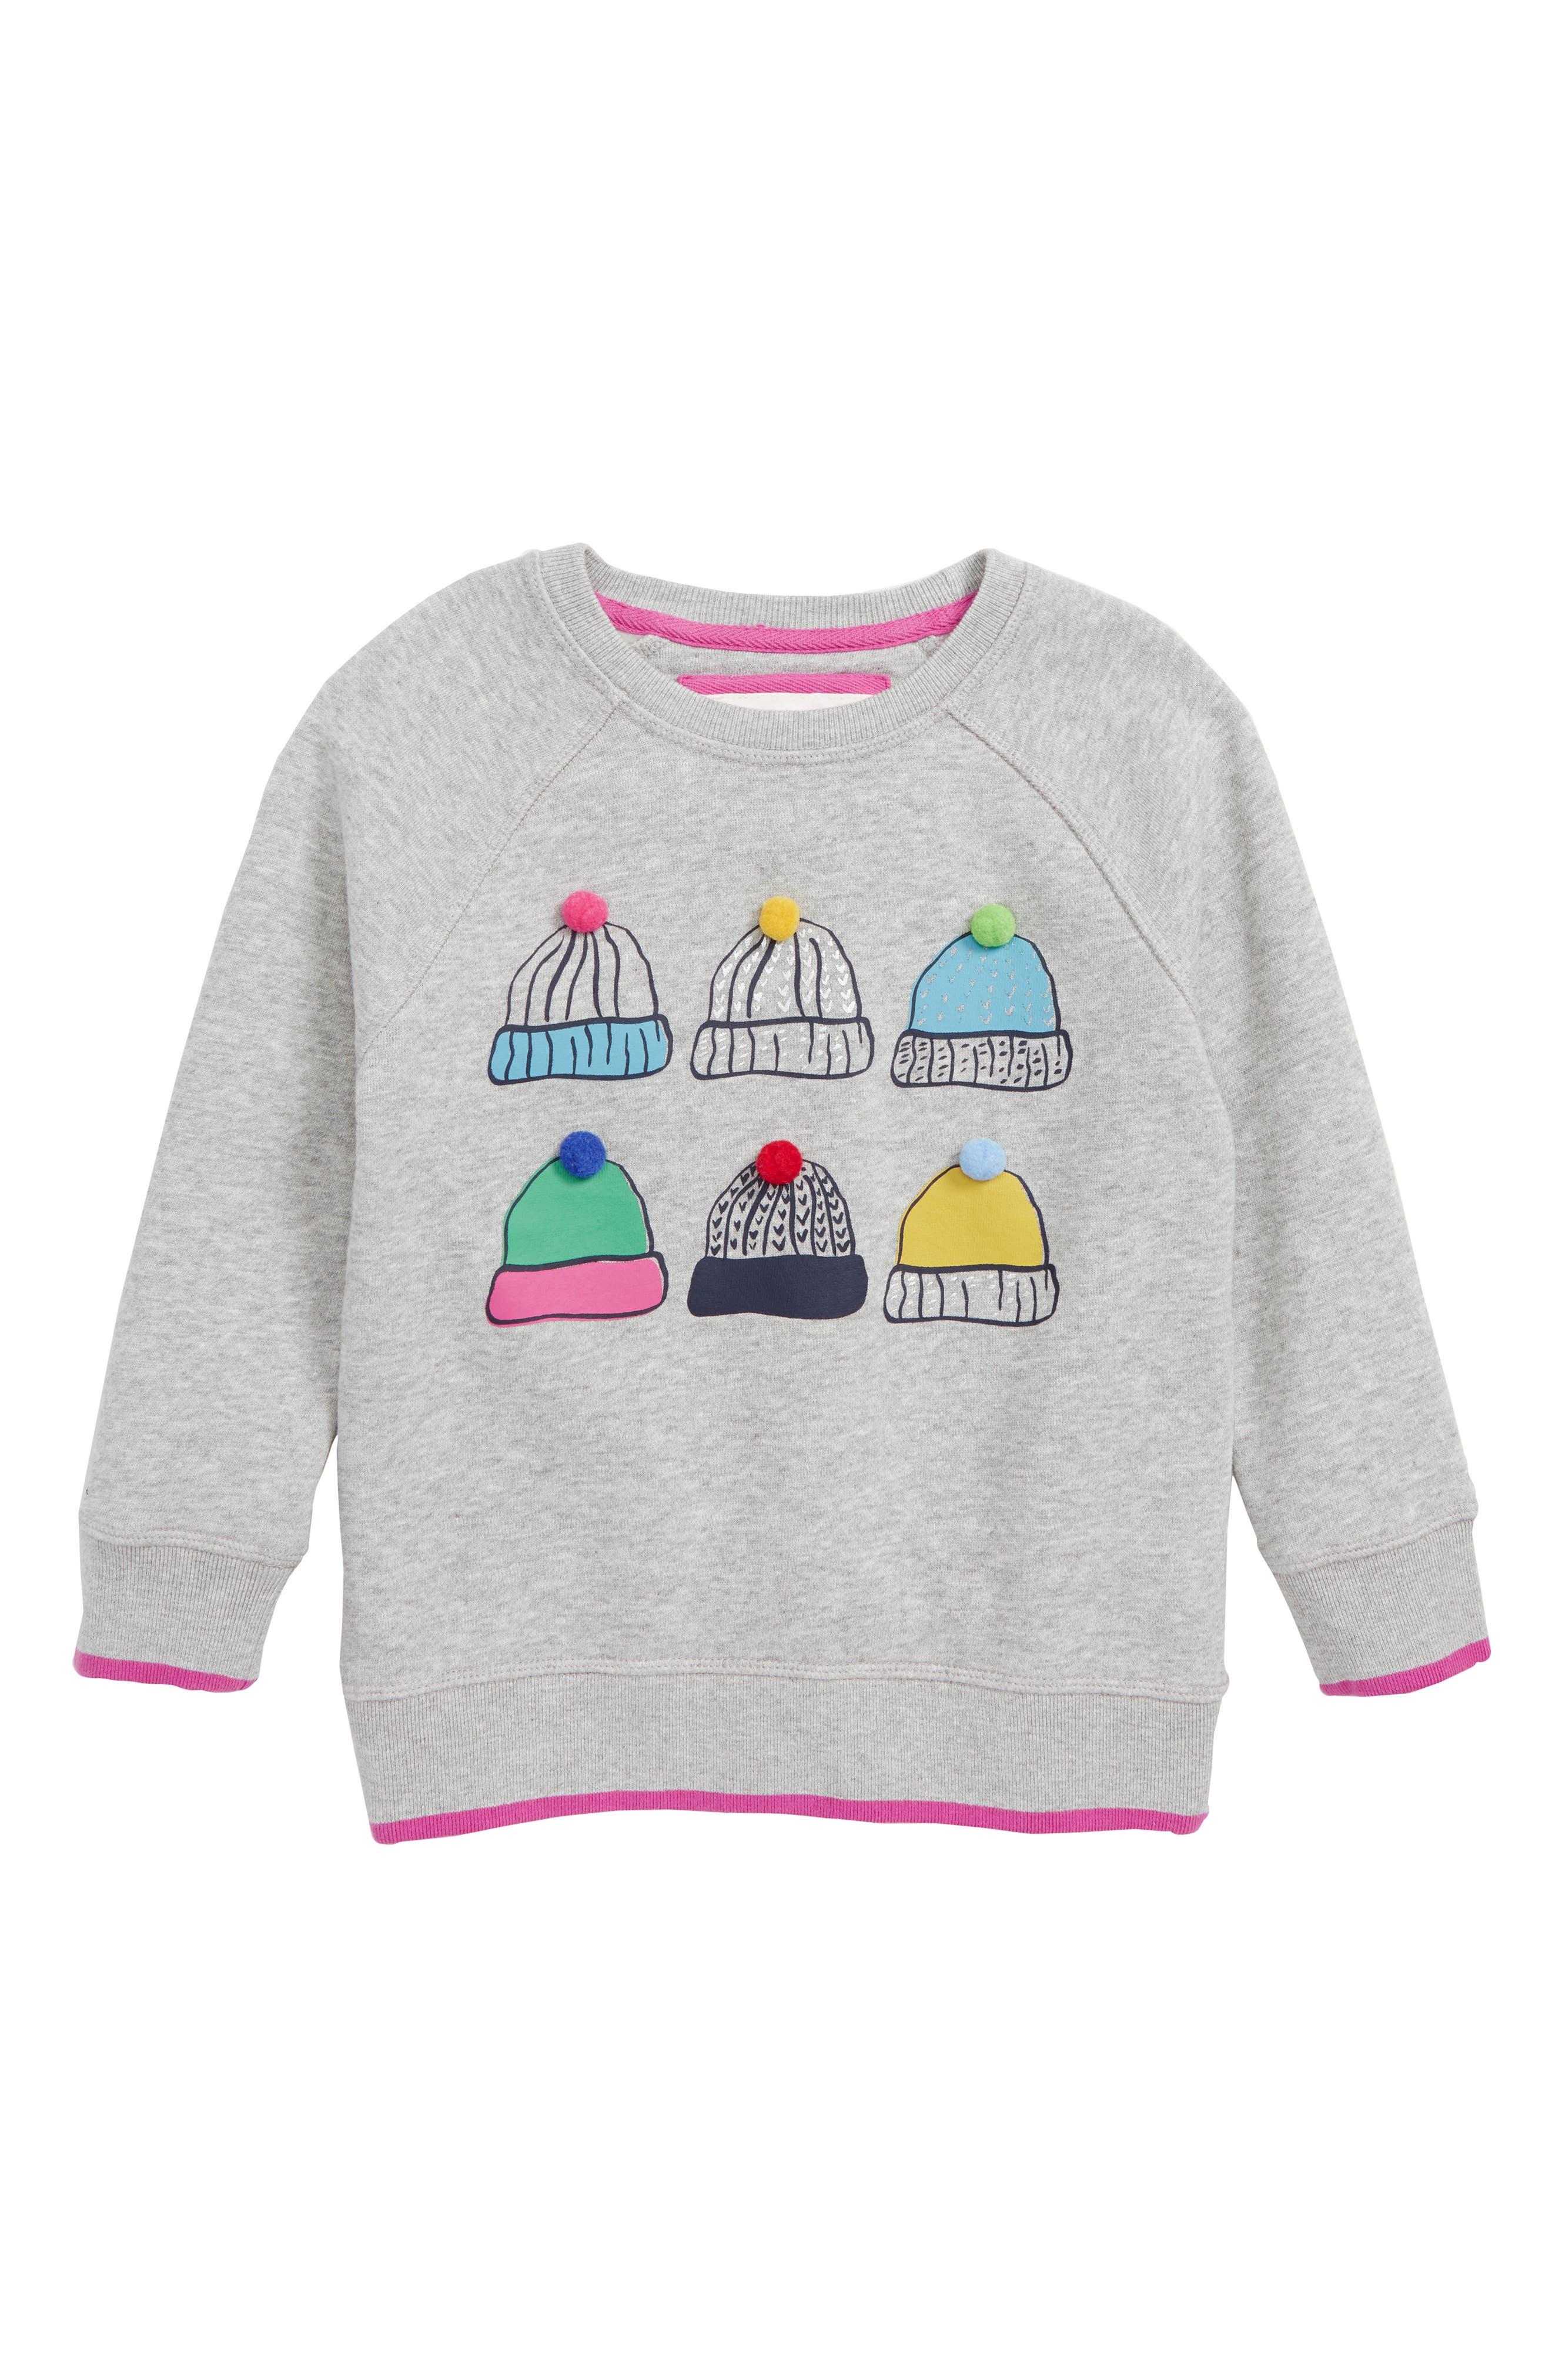 MINI BODEN Festive Fun Sweatshirt, Main, color, 054